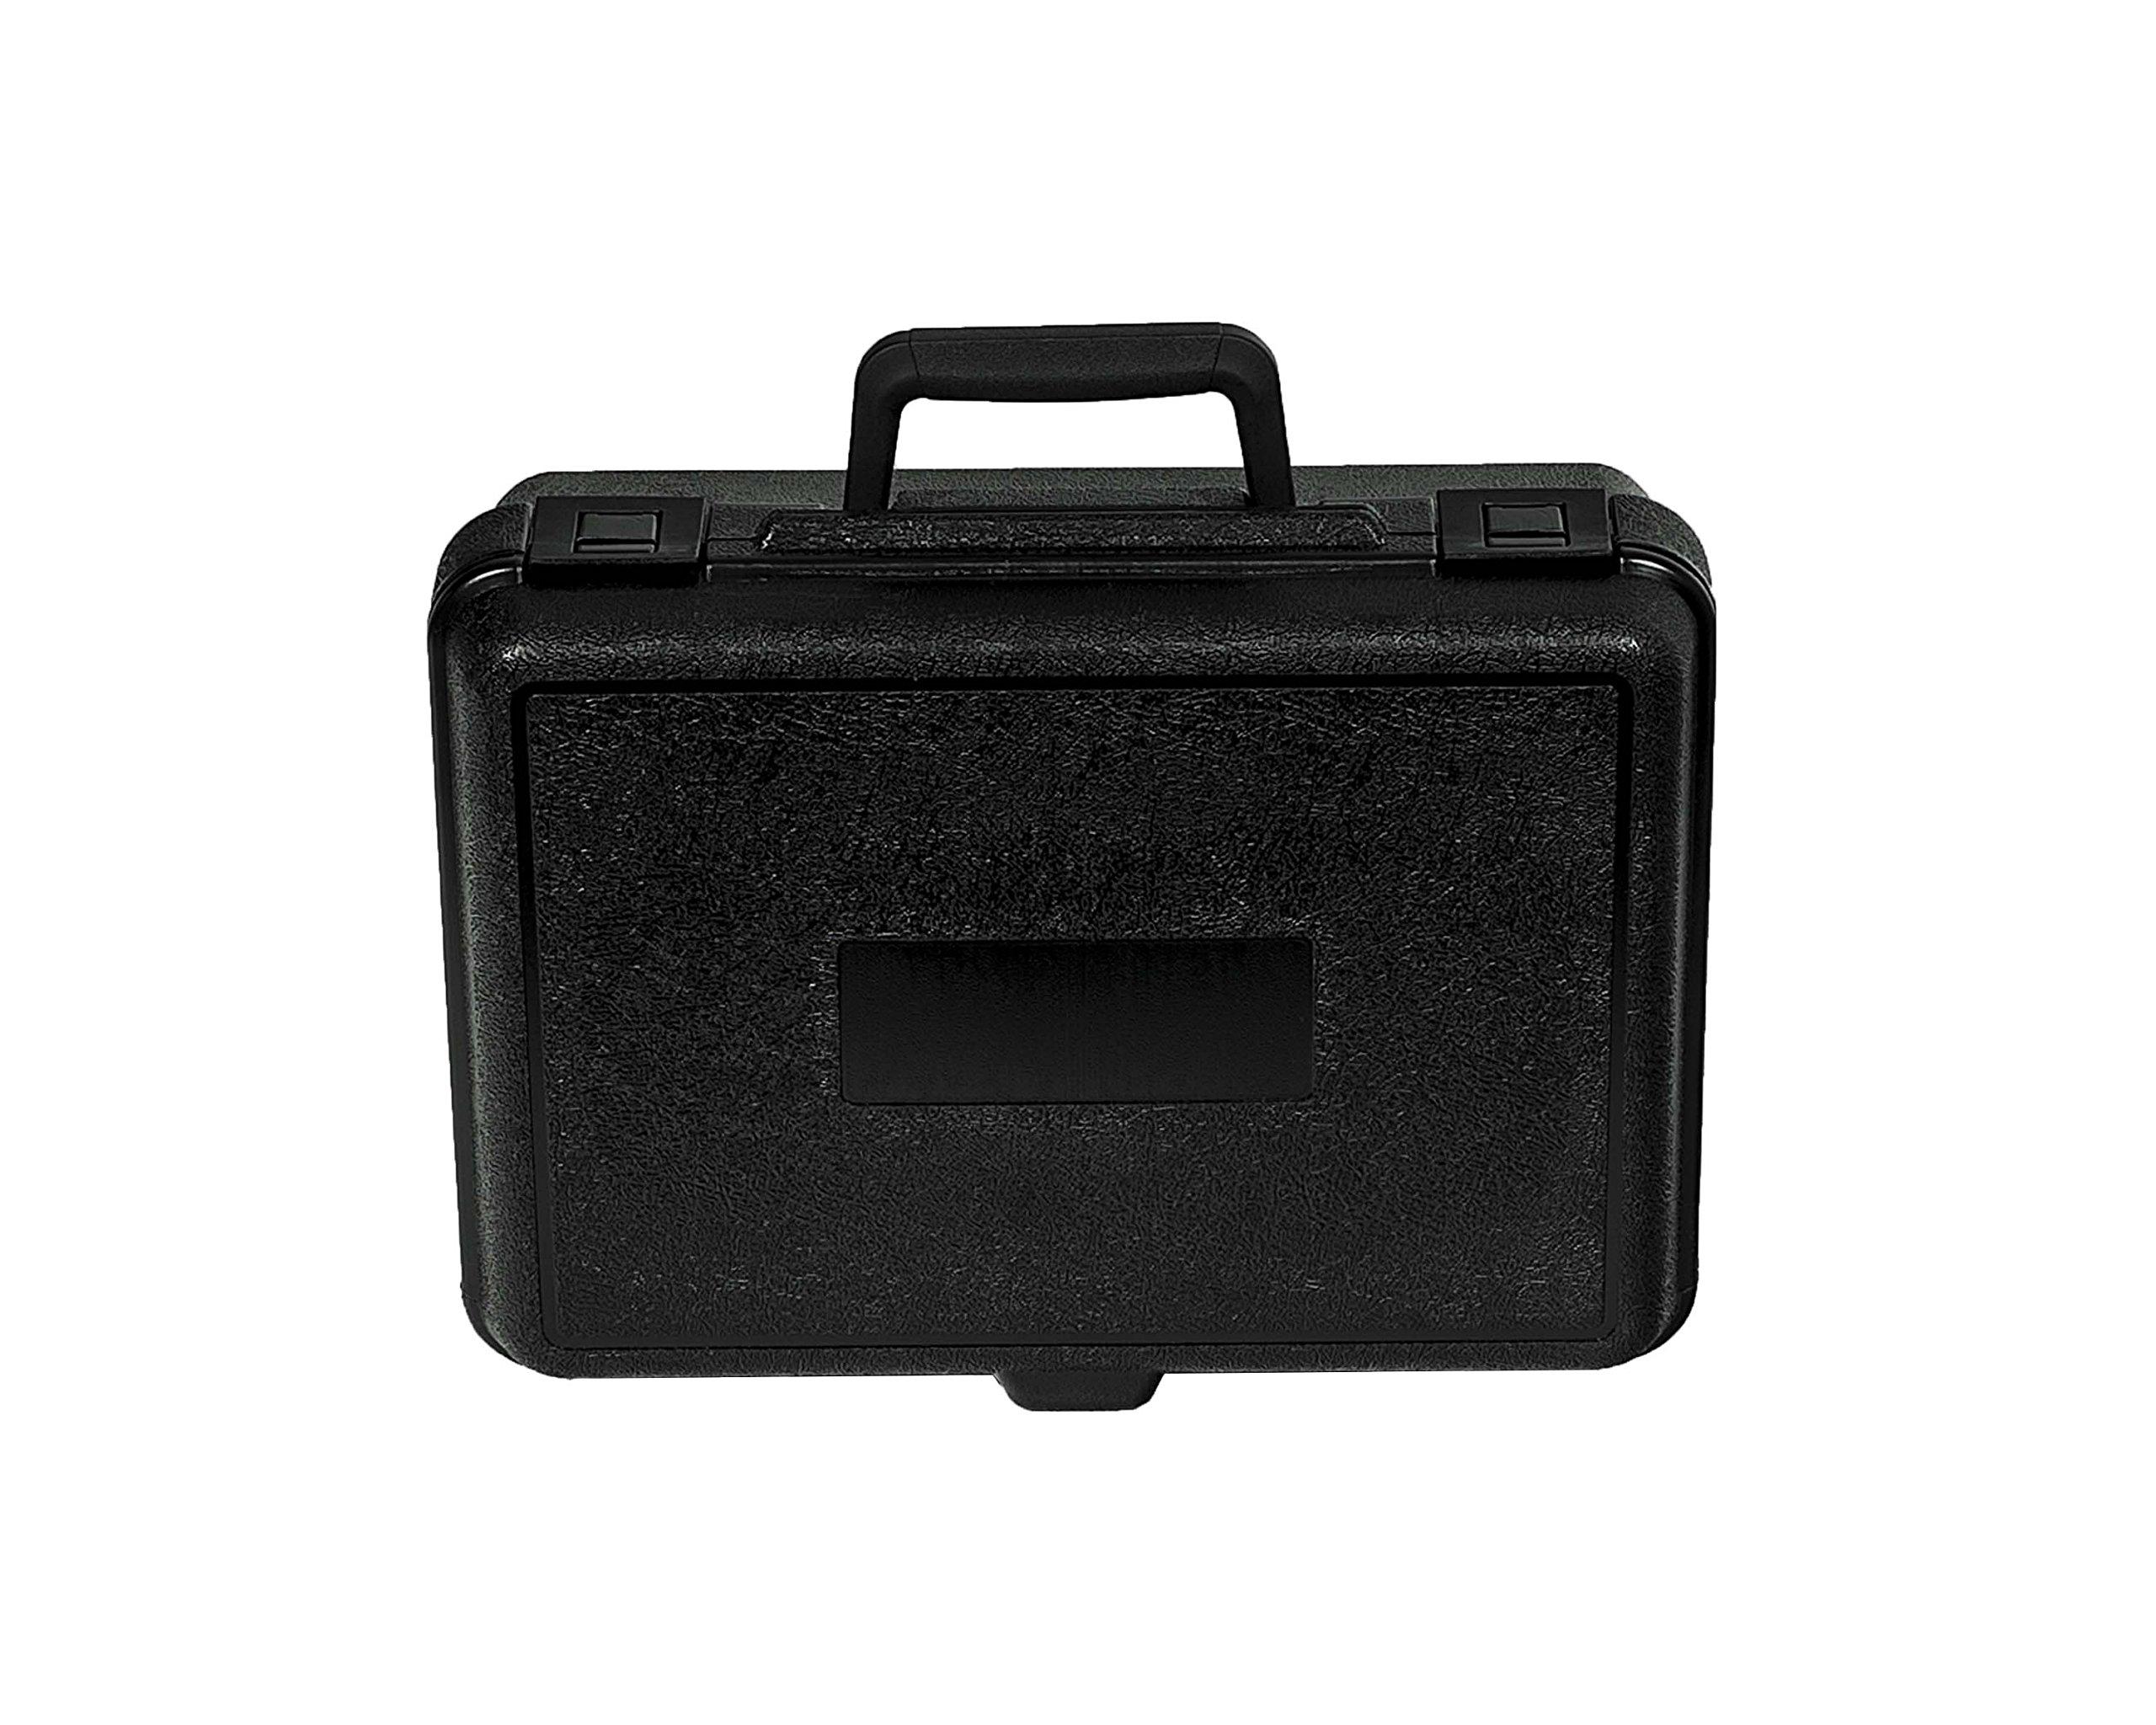 PFC 135-100-044-5SF Plastic Carrying Case, 13 1/2'' x 10'' x 4 3/8'', Black